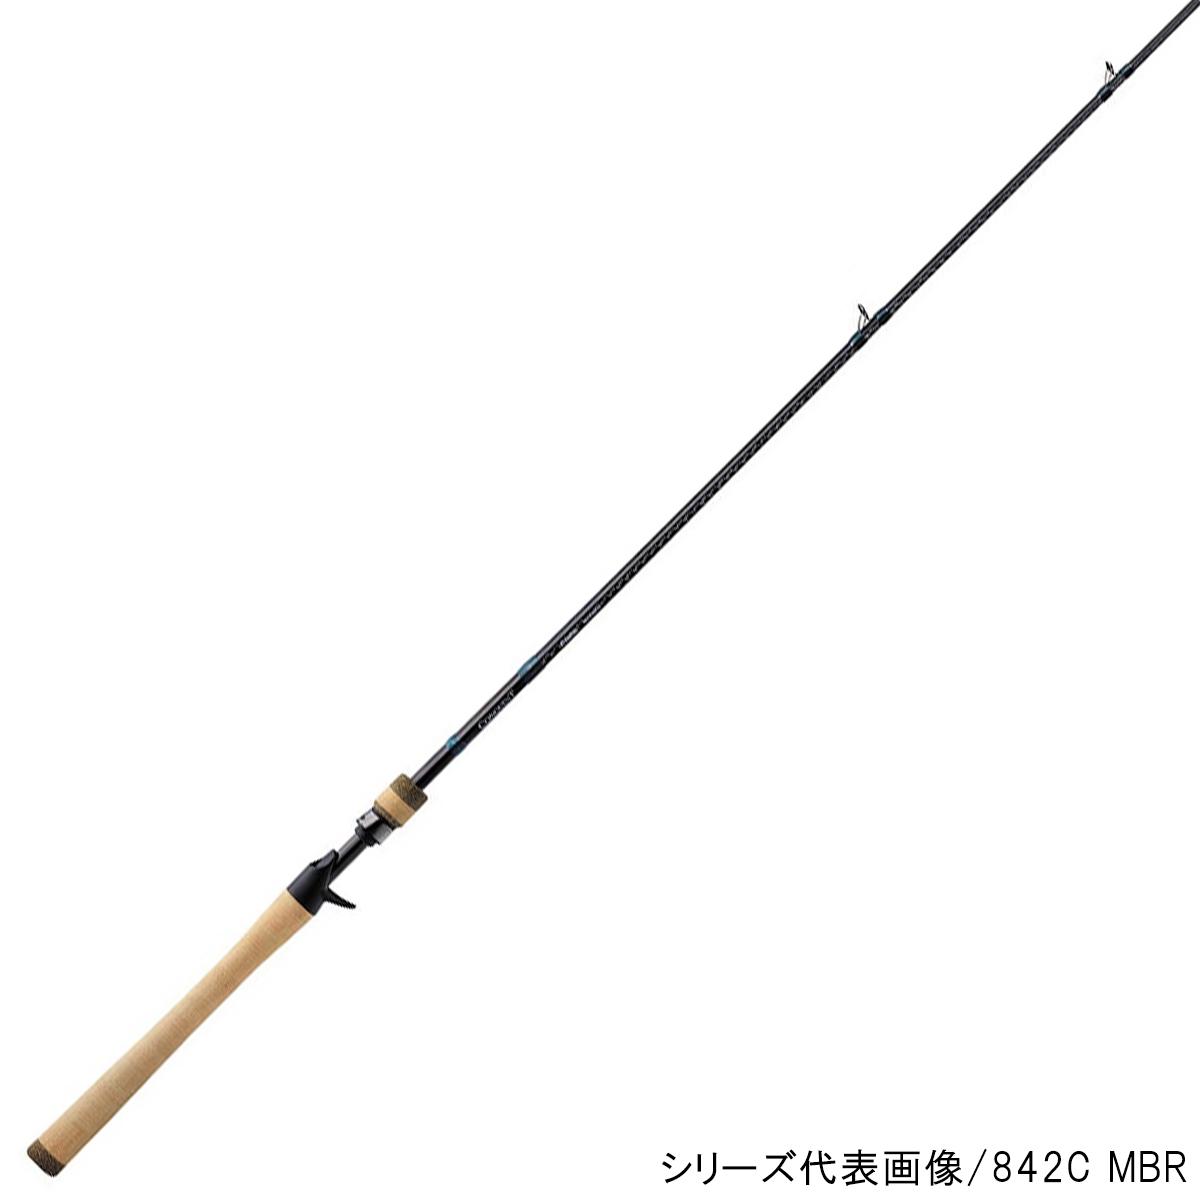 シマノ コンクエスト(ベイト) 903C MBR【大型商品】(東日本店)